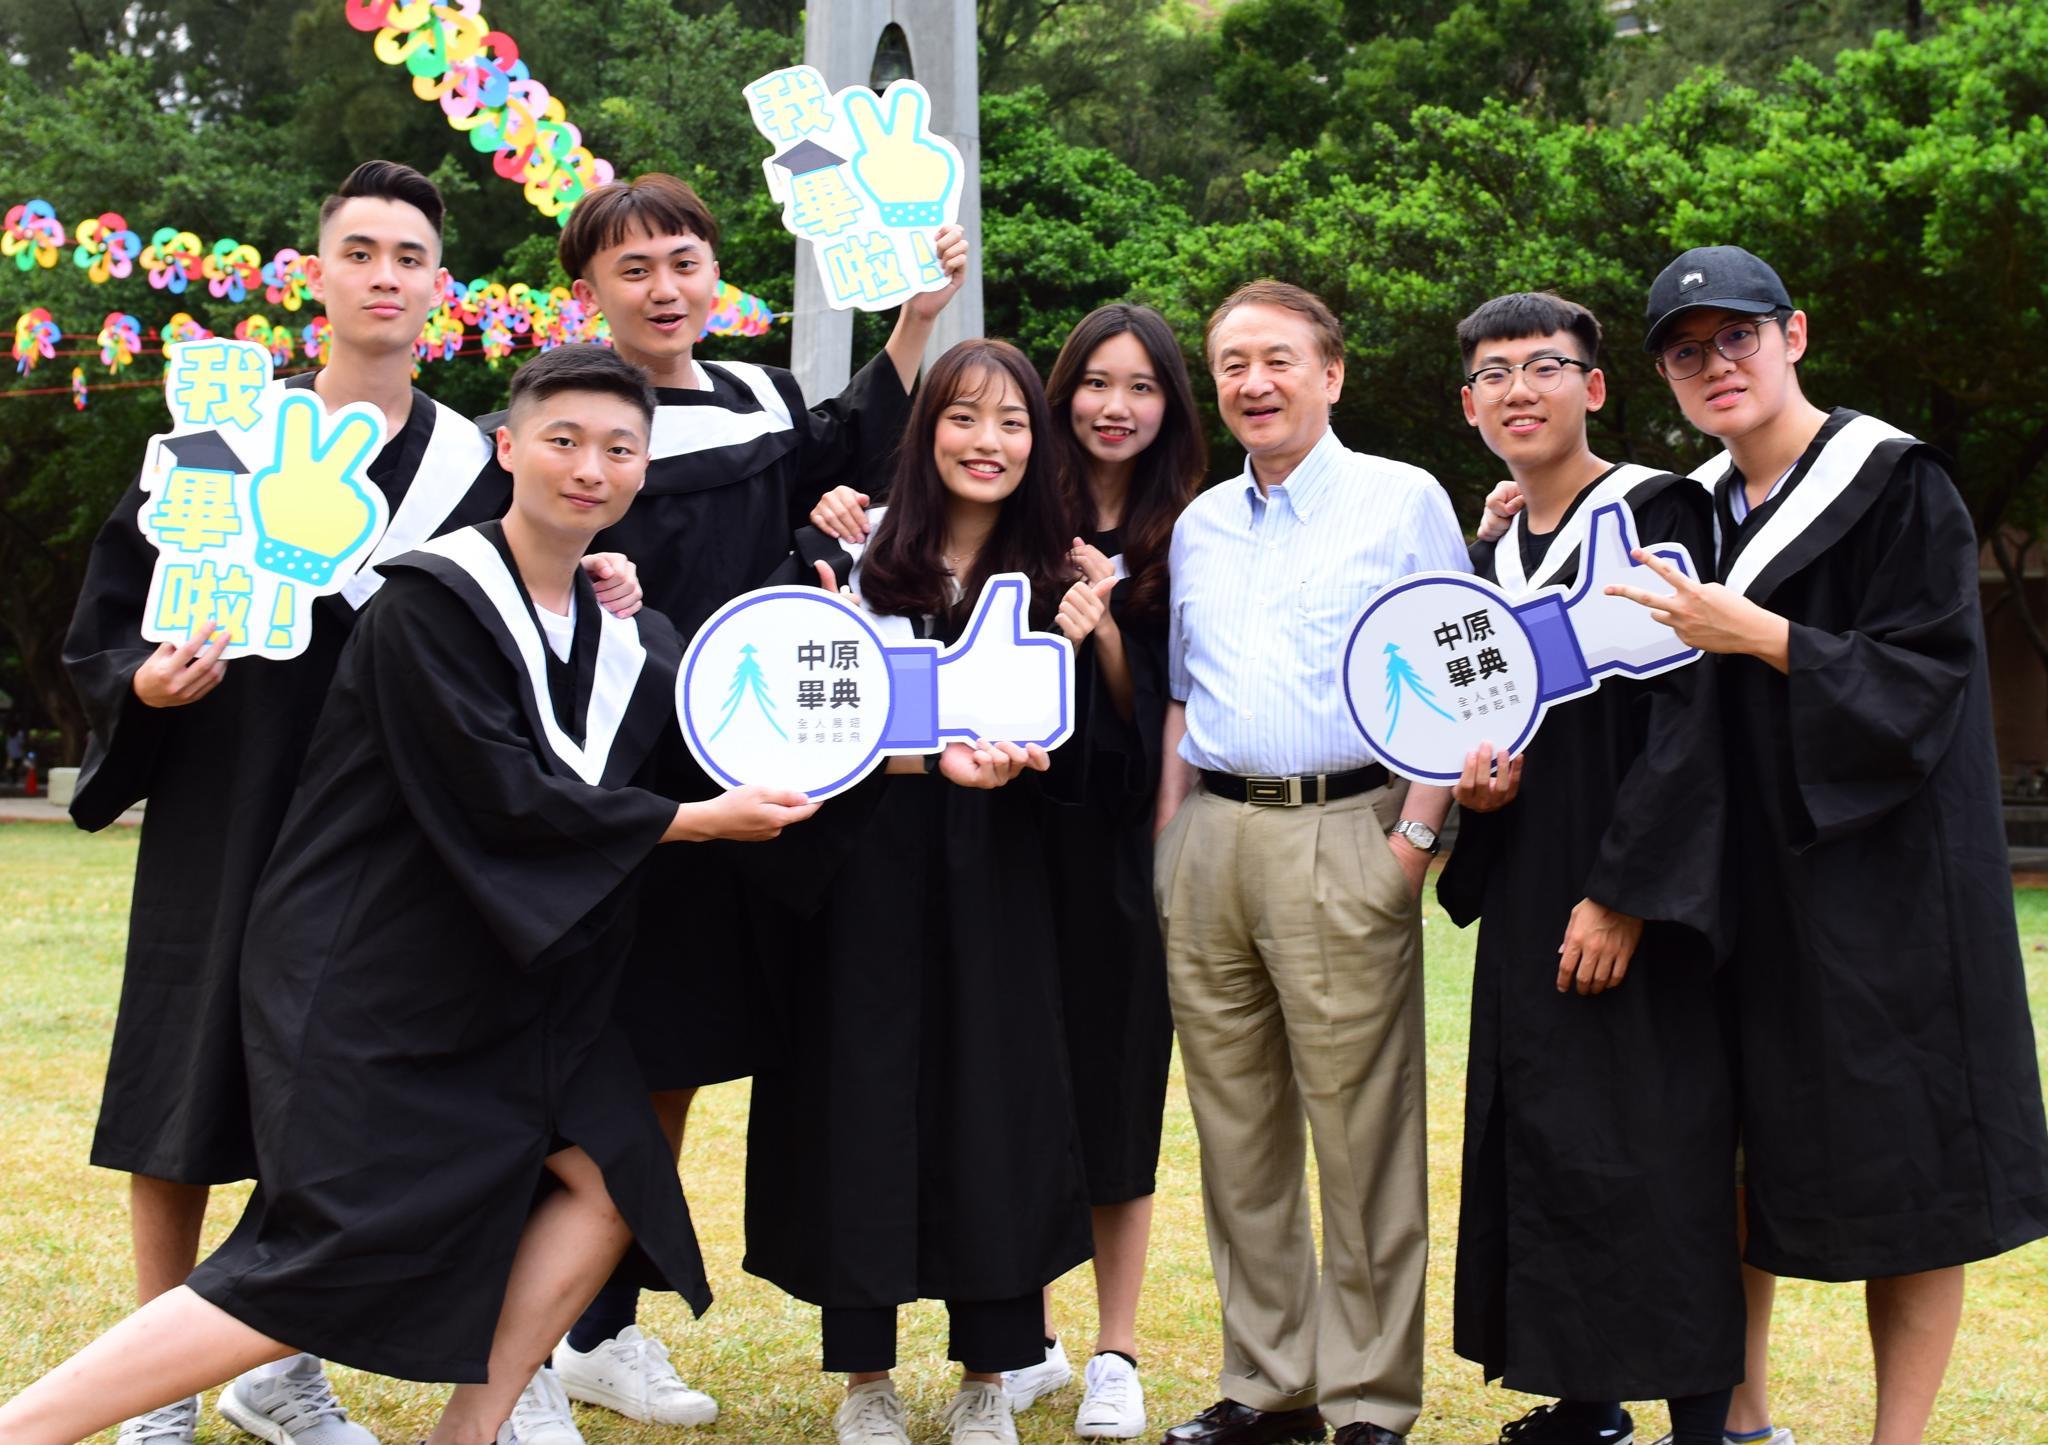 中原大學註冊率、企業最愛全國第一  全人教育深獲認同